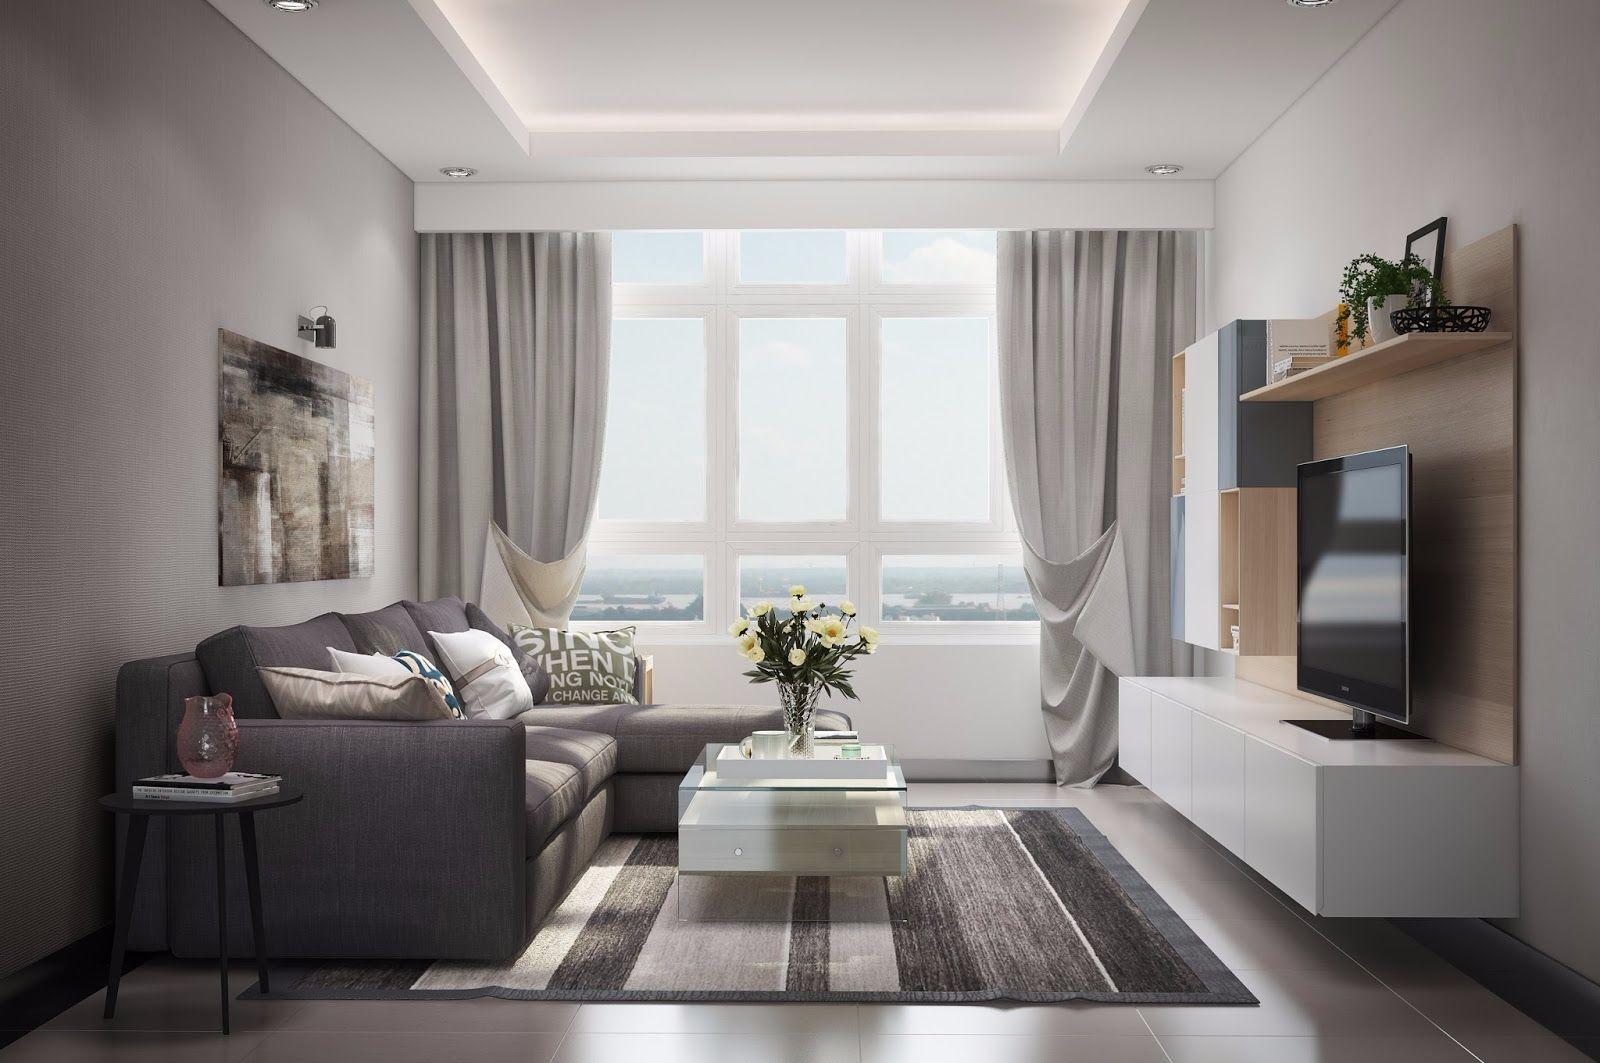 Giải pháp thiết kế nội chung cư cho những căn hộ nhỏ